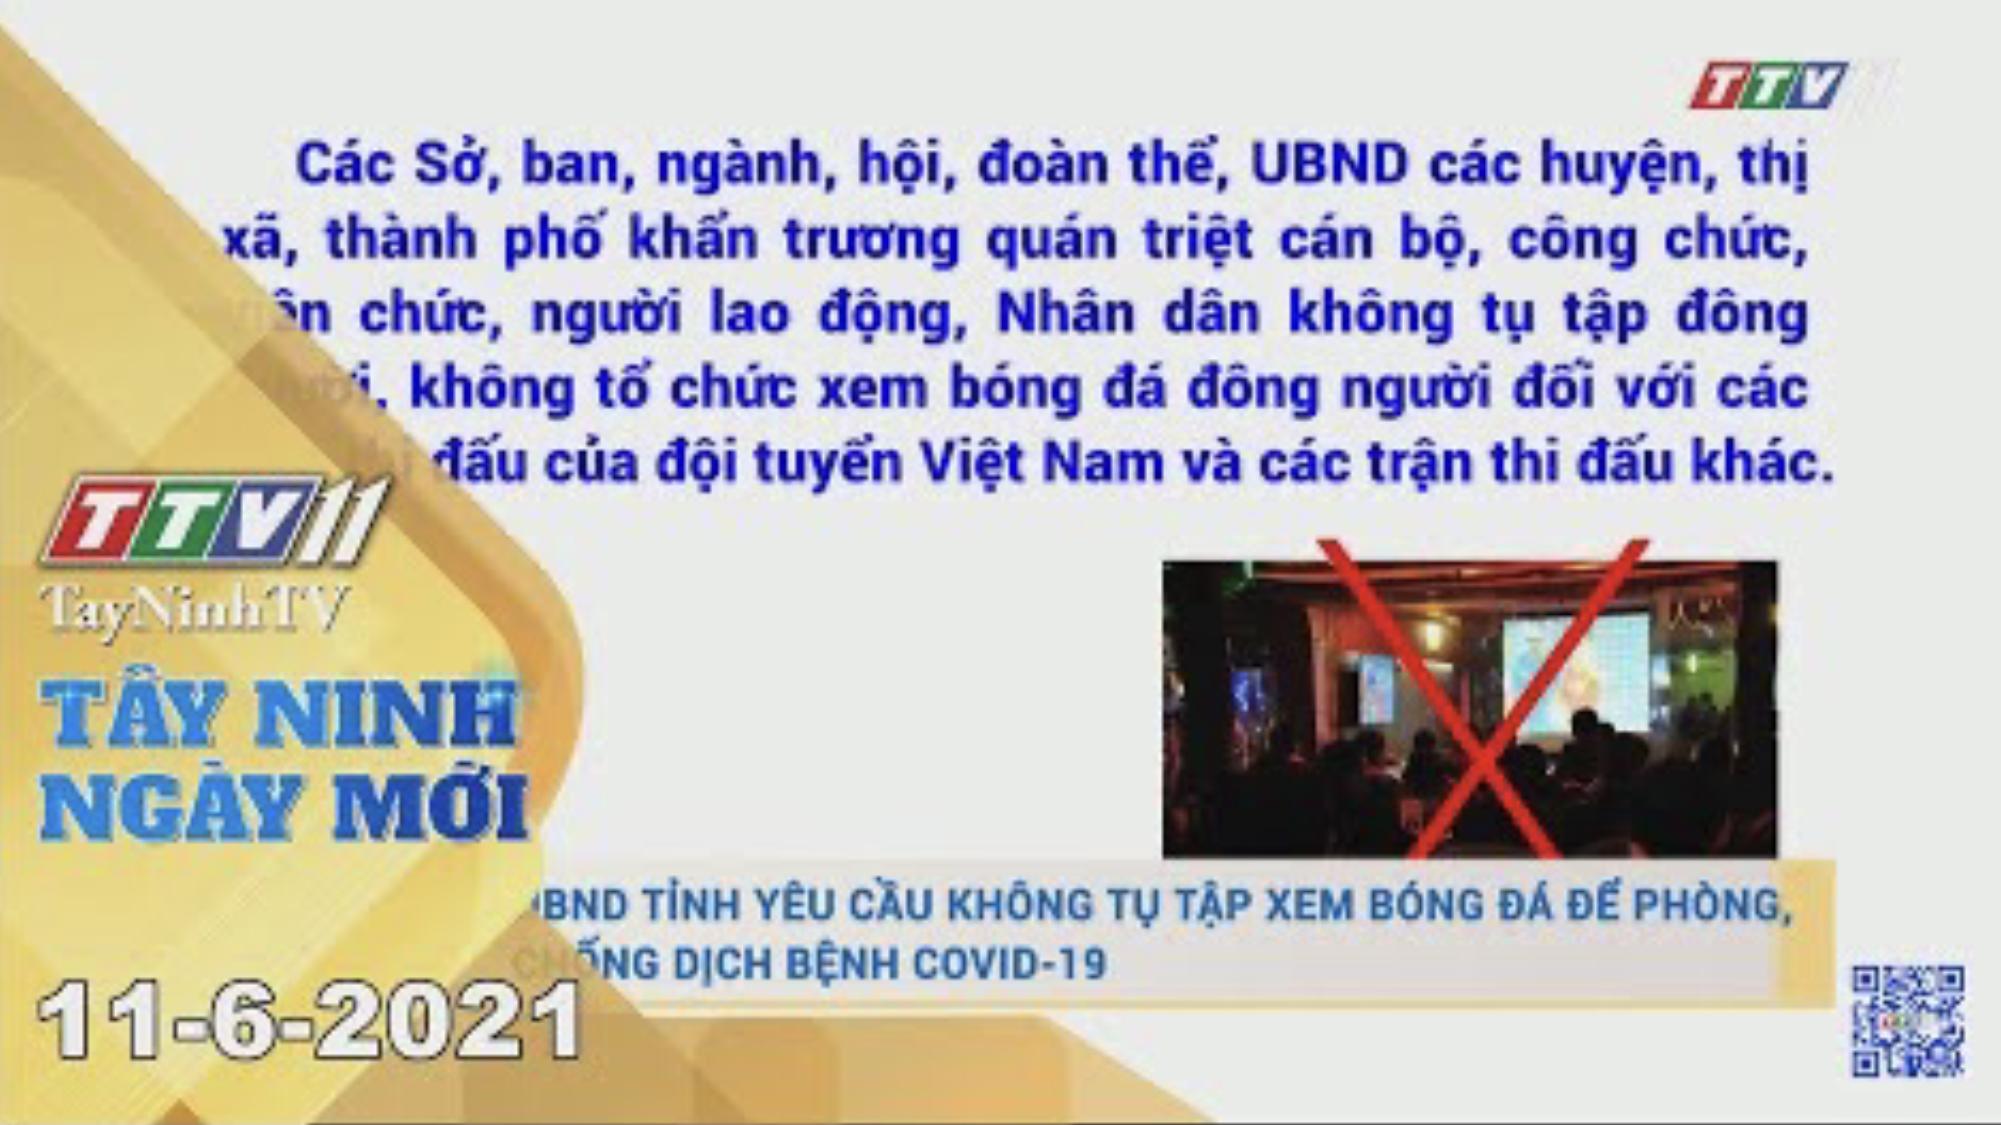 Tây Ninh Ngày Mới 11-6-2021 | Tin tức hôm nay | TayNinhTV